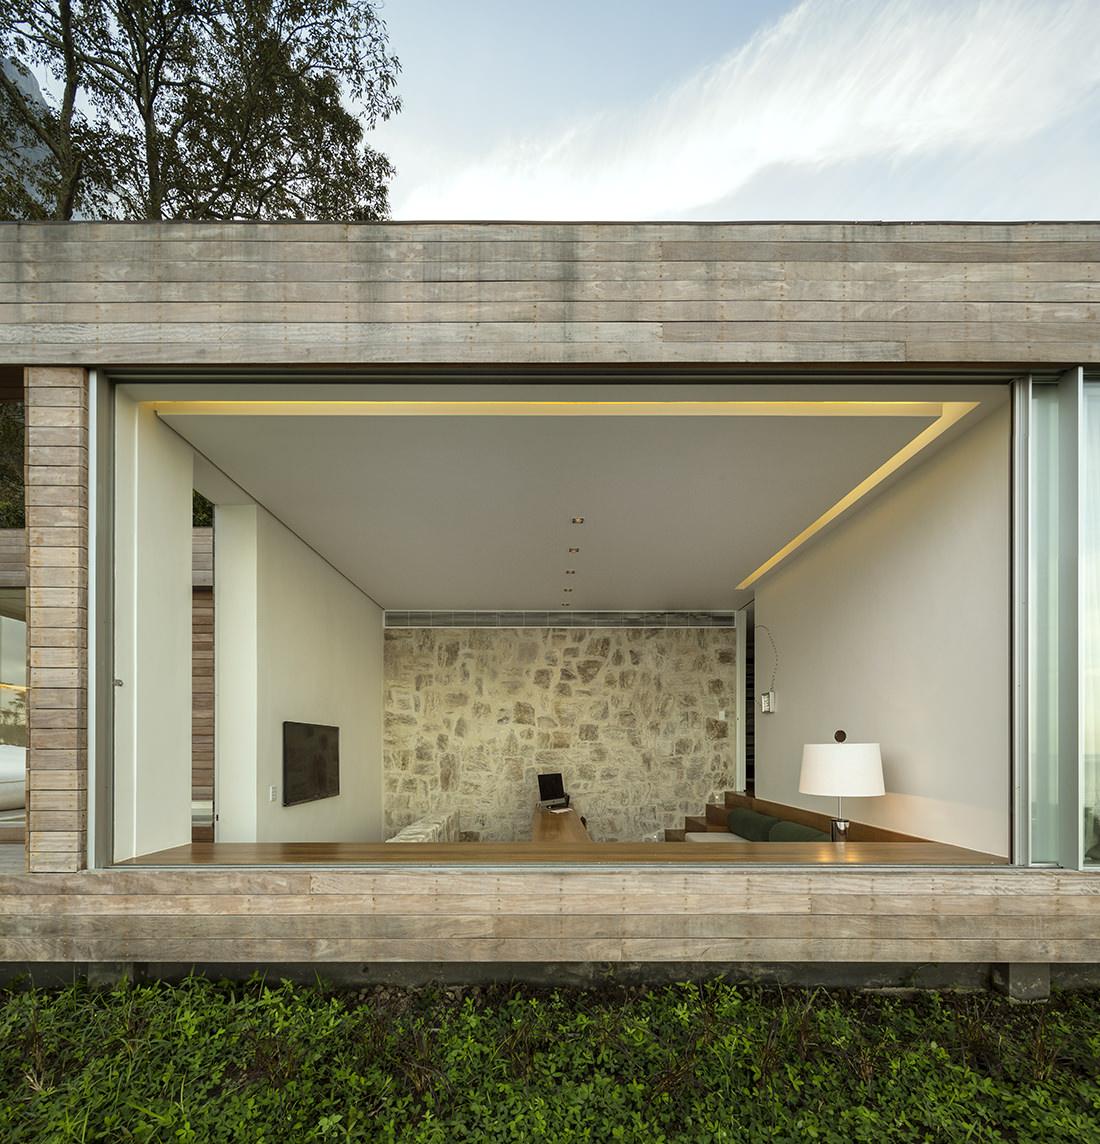 studio-arthur-casas-14